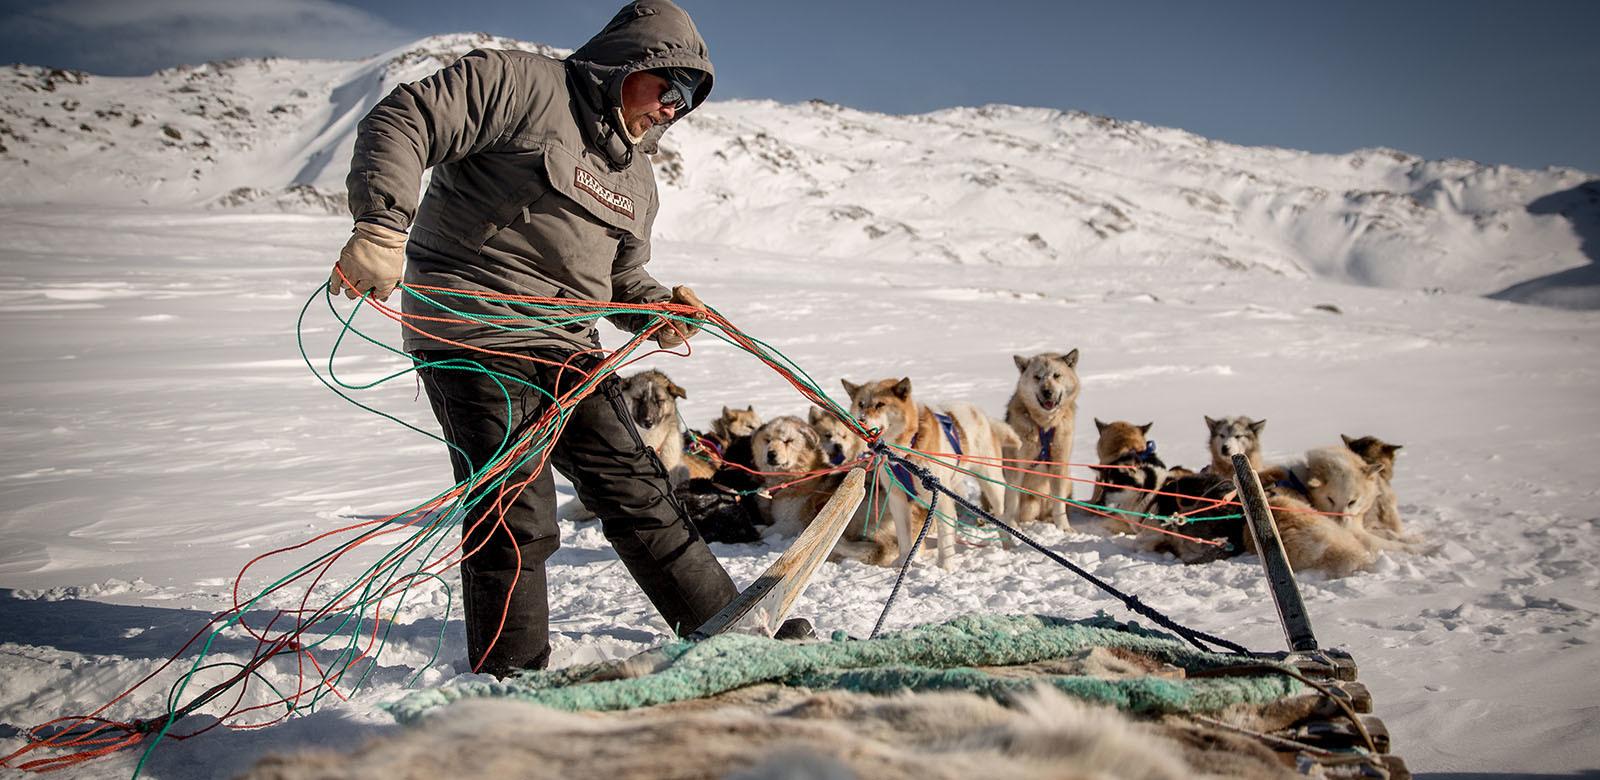 Kutyaszánozás és sarkifények a jégsapkán